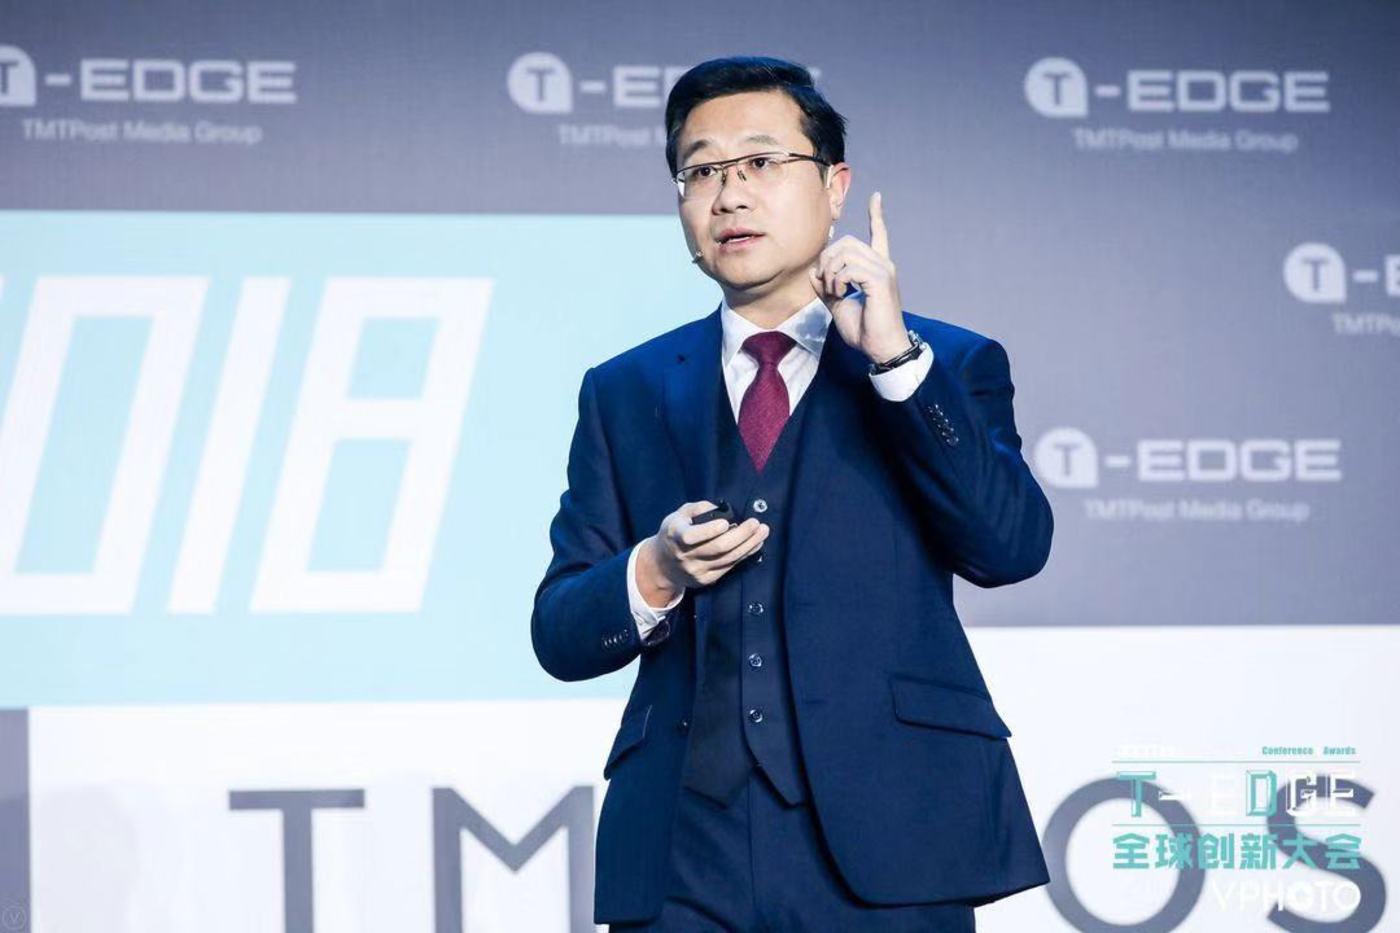 丁香园创始人李天天在2018 T-EDGE 全球创新大会上演讲